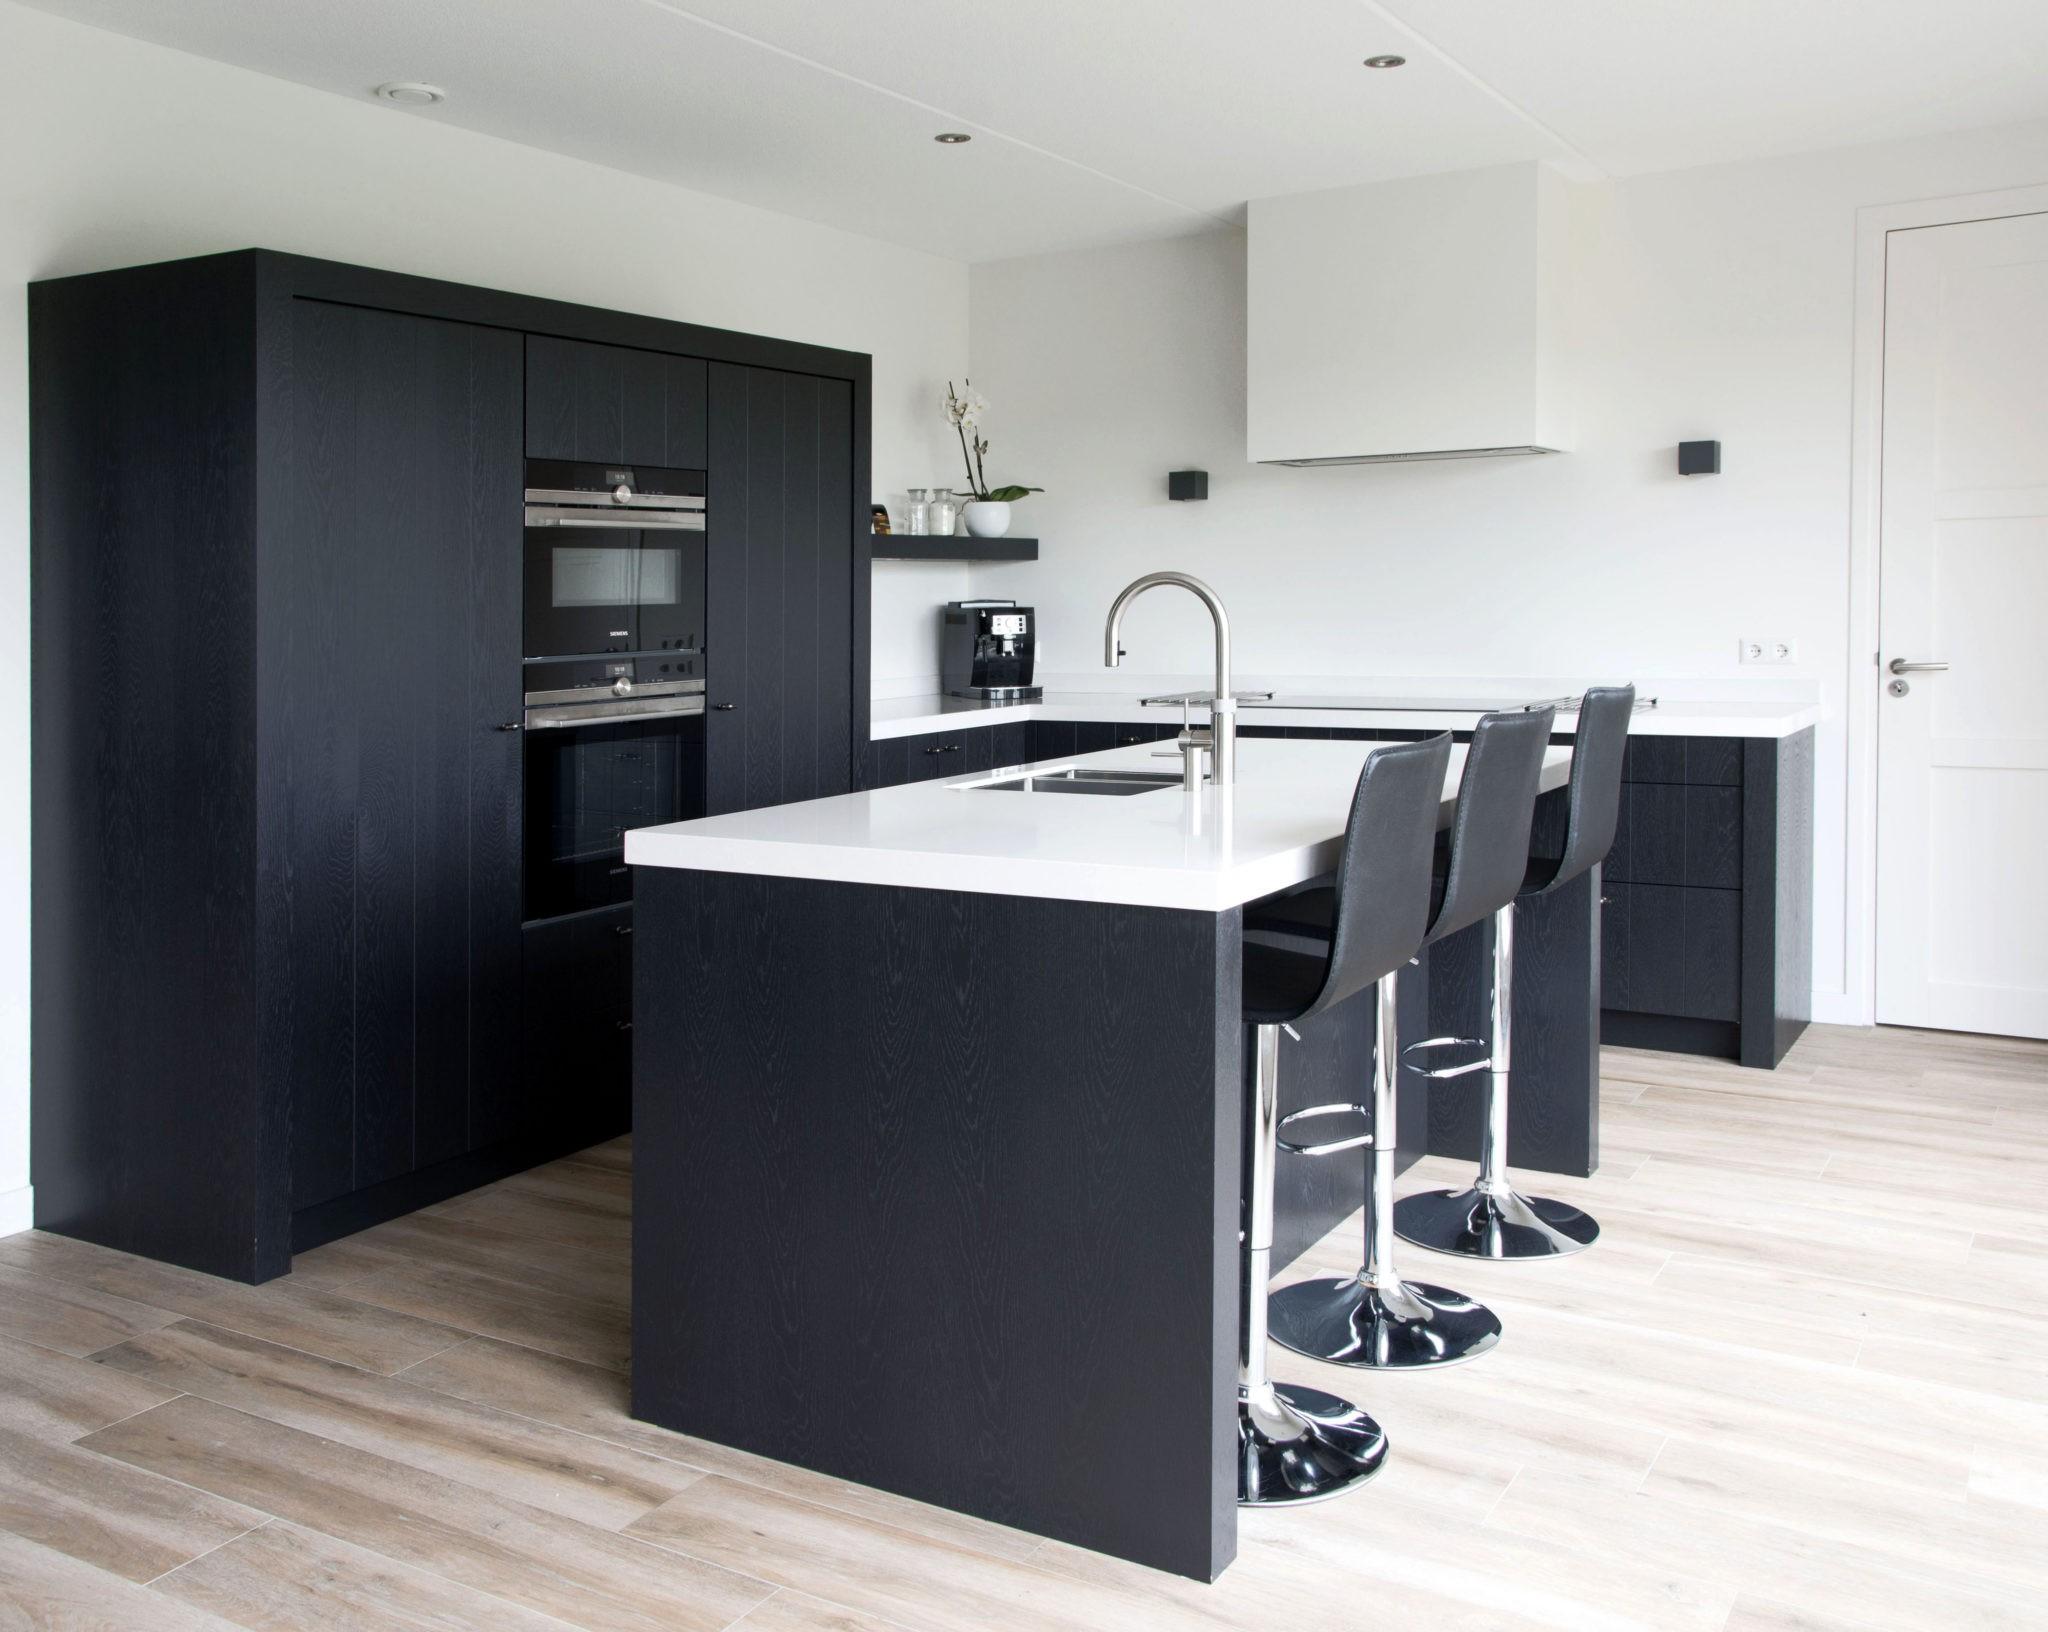 Keuken Eiken Zwart : Mat zwarte keuken contrasterend eiken en composiet